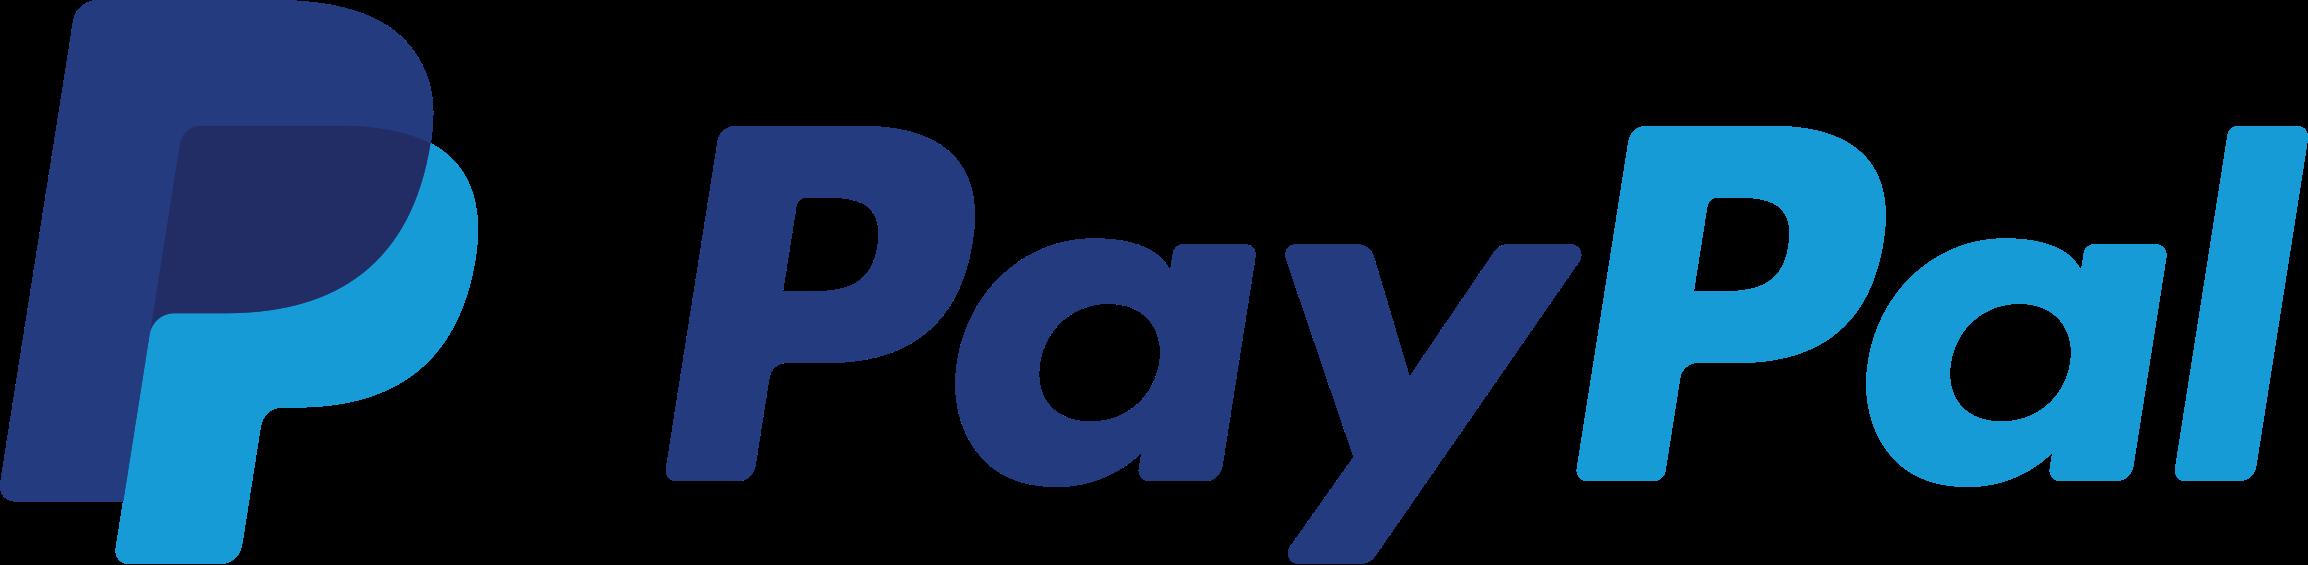 Online casina obvykle akceptují řadu platebních metod